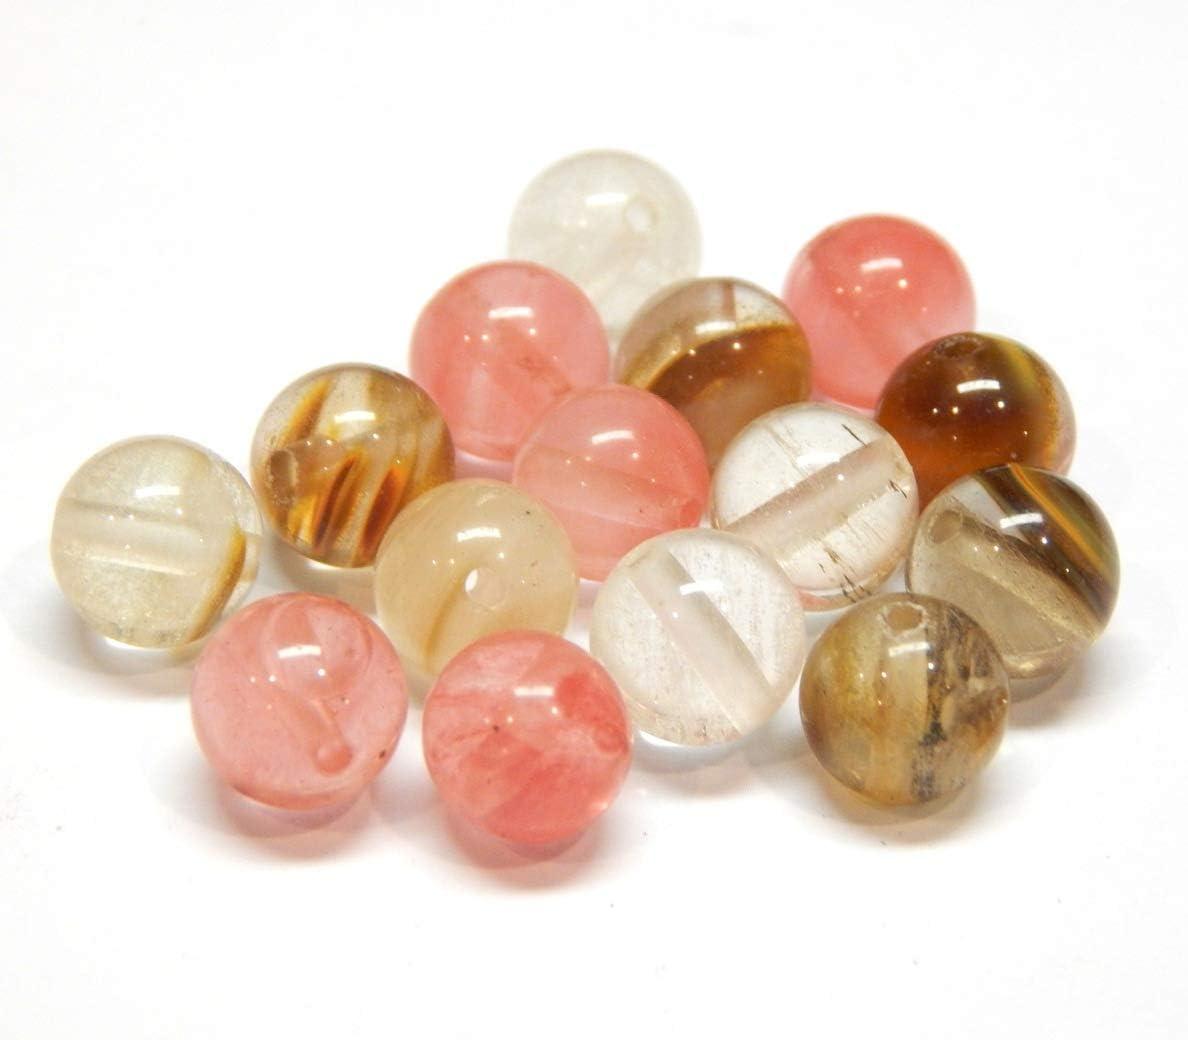 Tigerskin G520 - Perlas de cristal cerezo de cuarzo, piedras semipreciosas, redondas, 8 mm